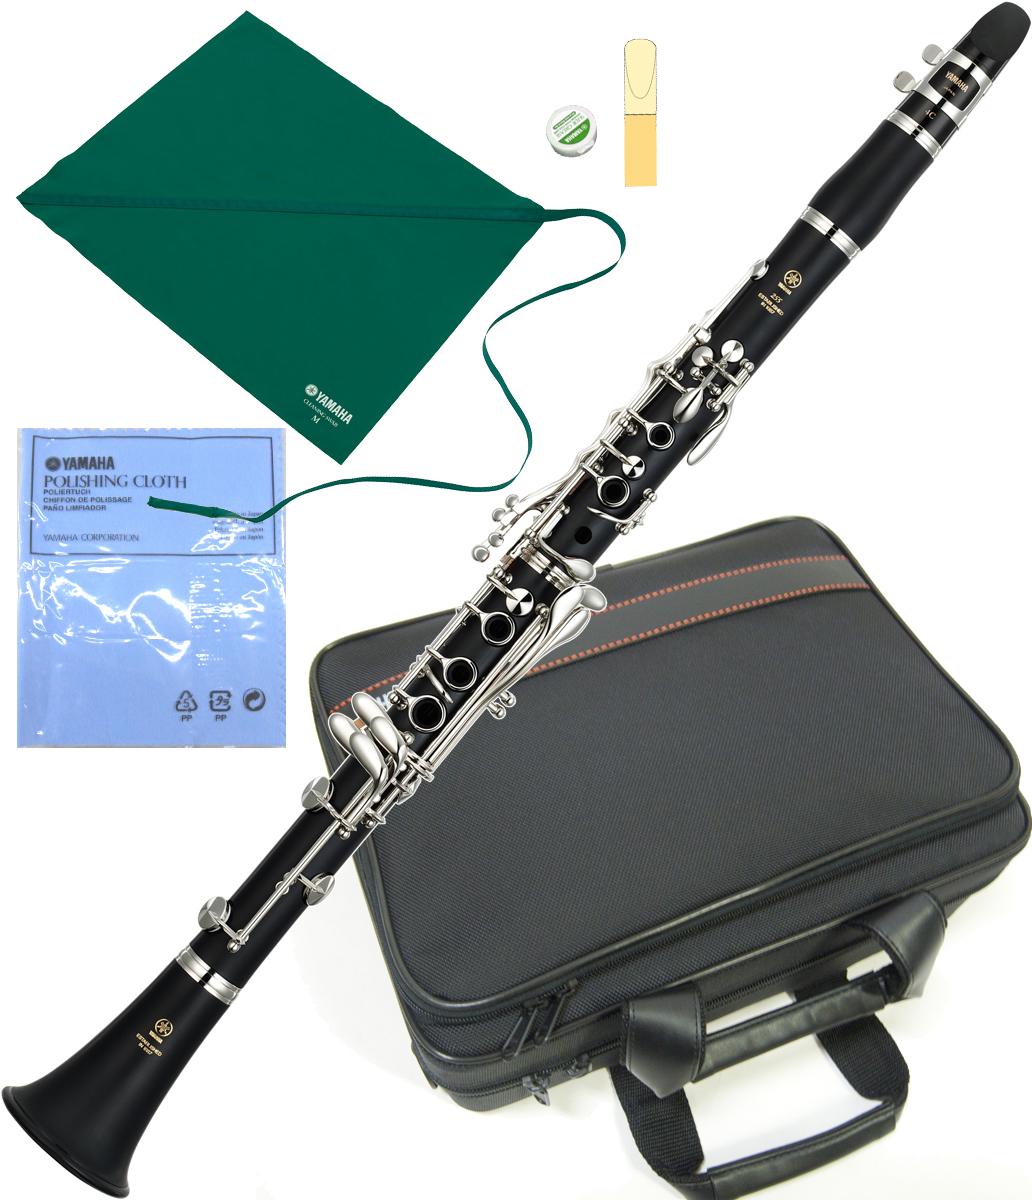 YAMAHA ( ヤマハ ) YCL-255 クラリネット 新品 ABS樹脂製 スタンダード B♭管 本体 初心者 管楽器 管体 プラスチック製 楽器 YCL255 clarinet 送料無料